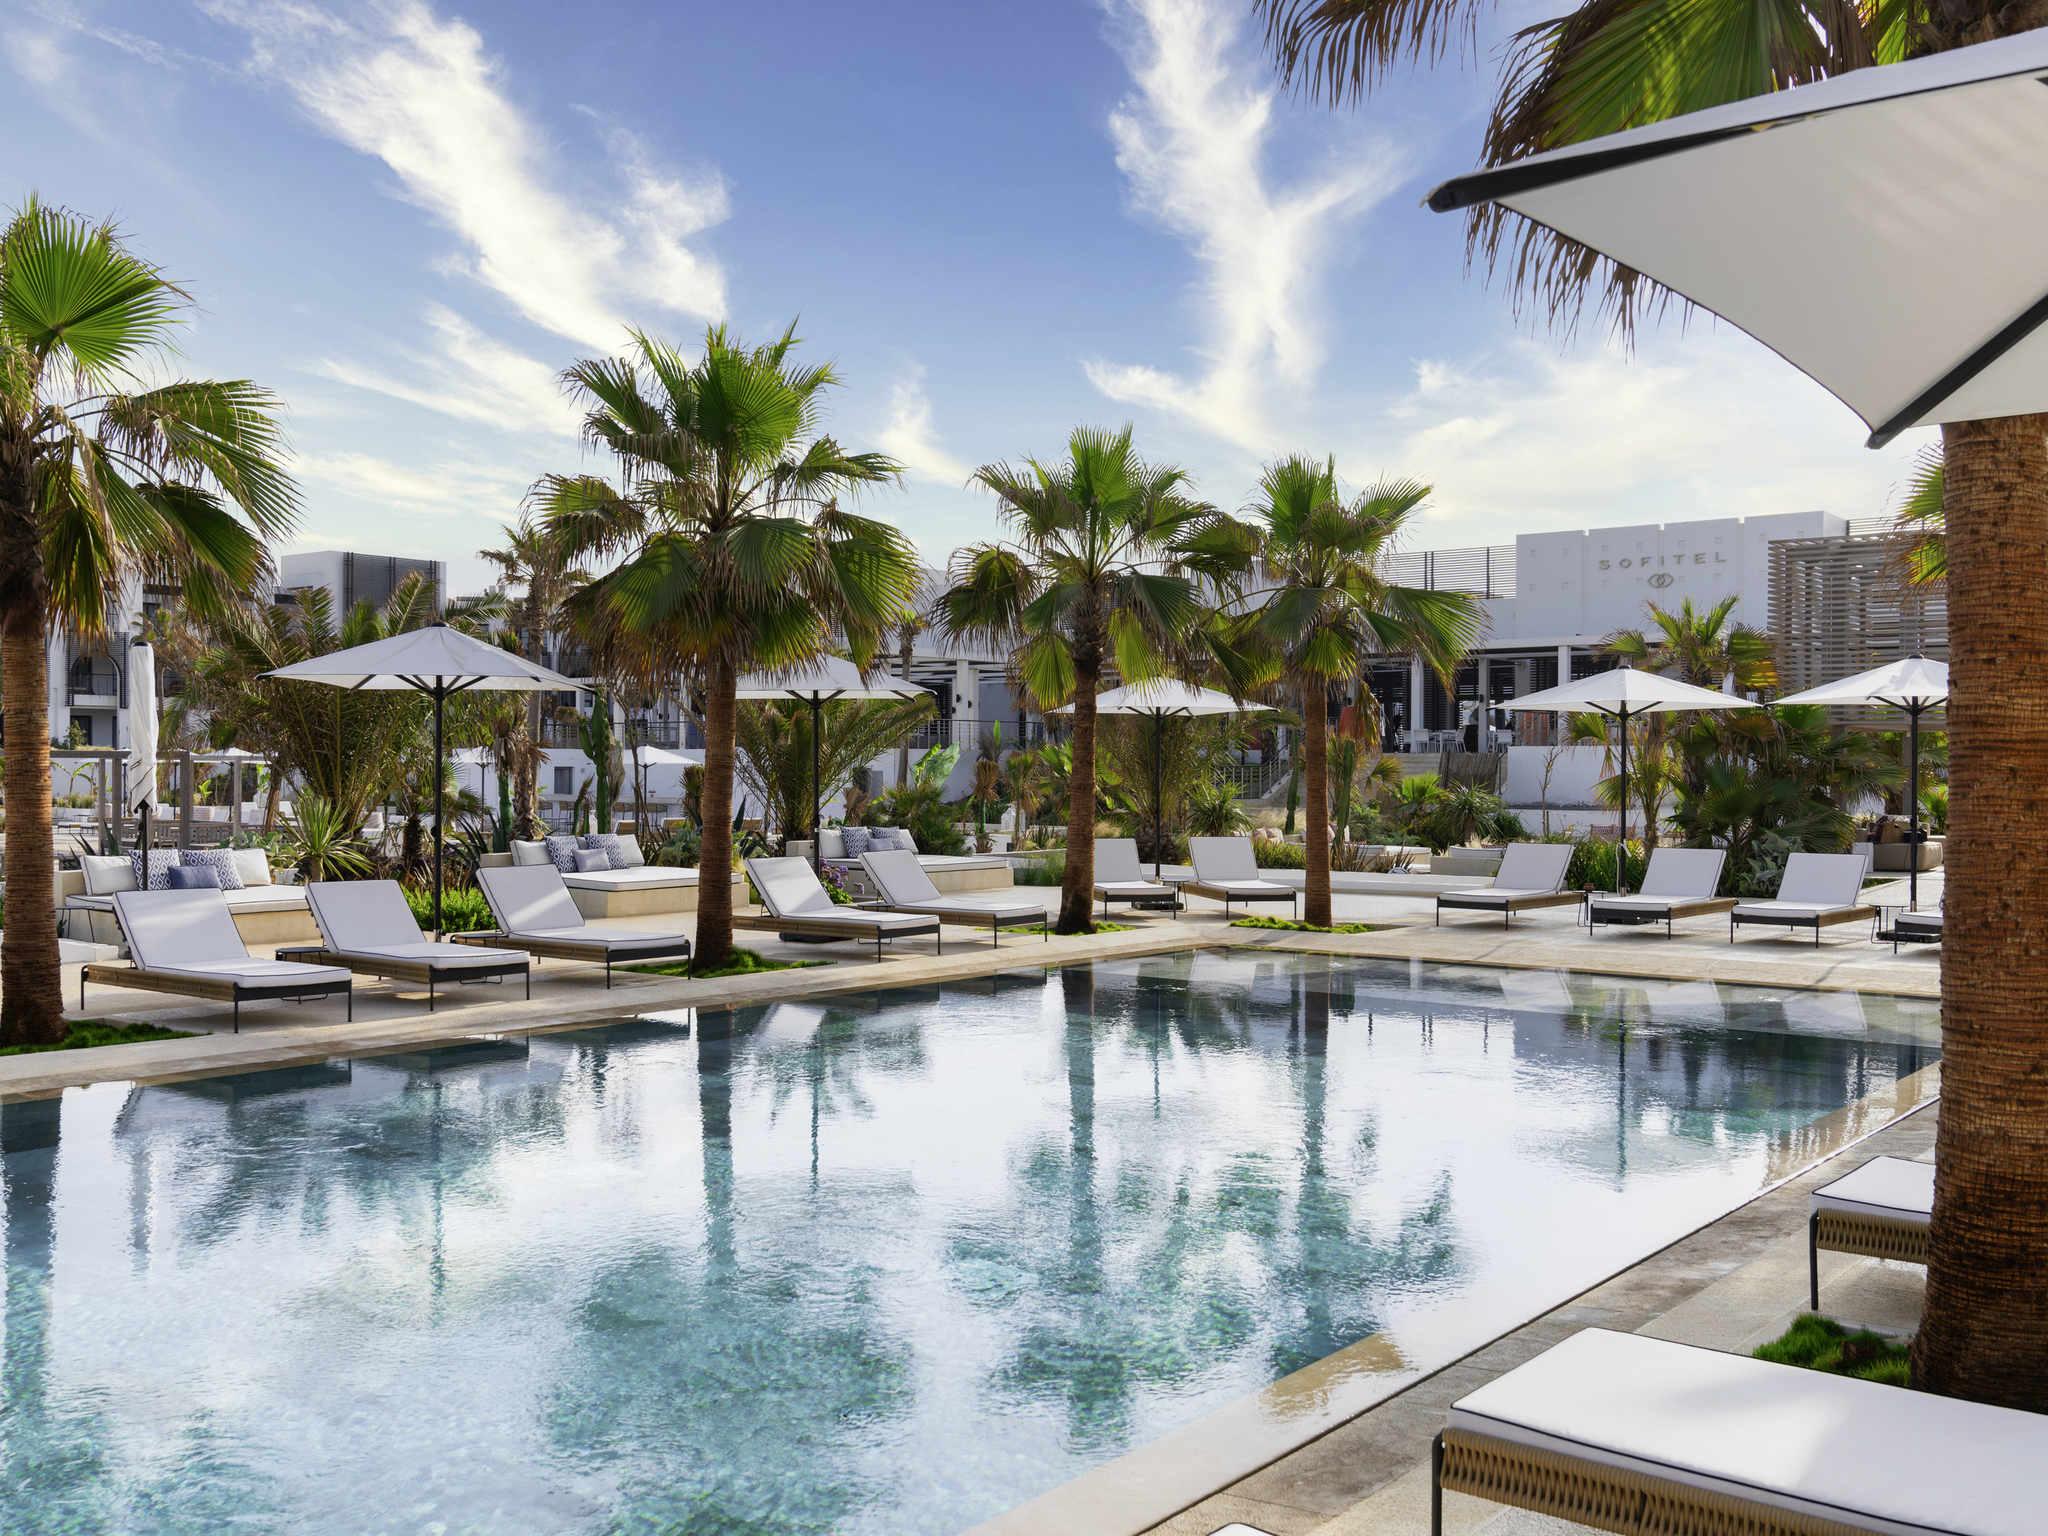 酒店 – 索菲特阿加迪尔海洋温泉酒店